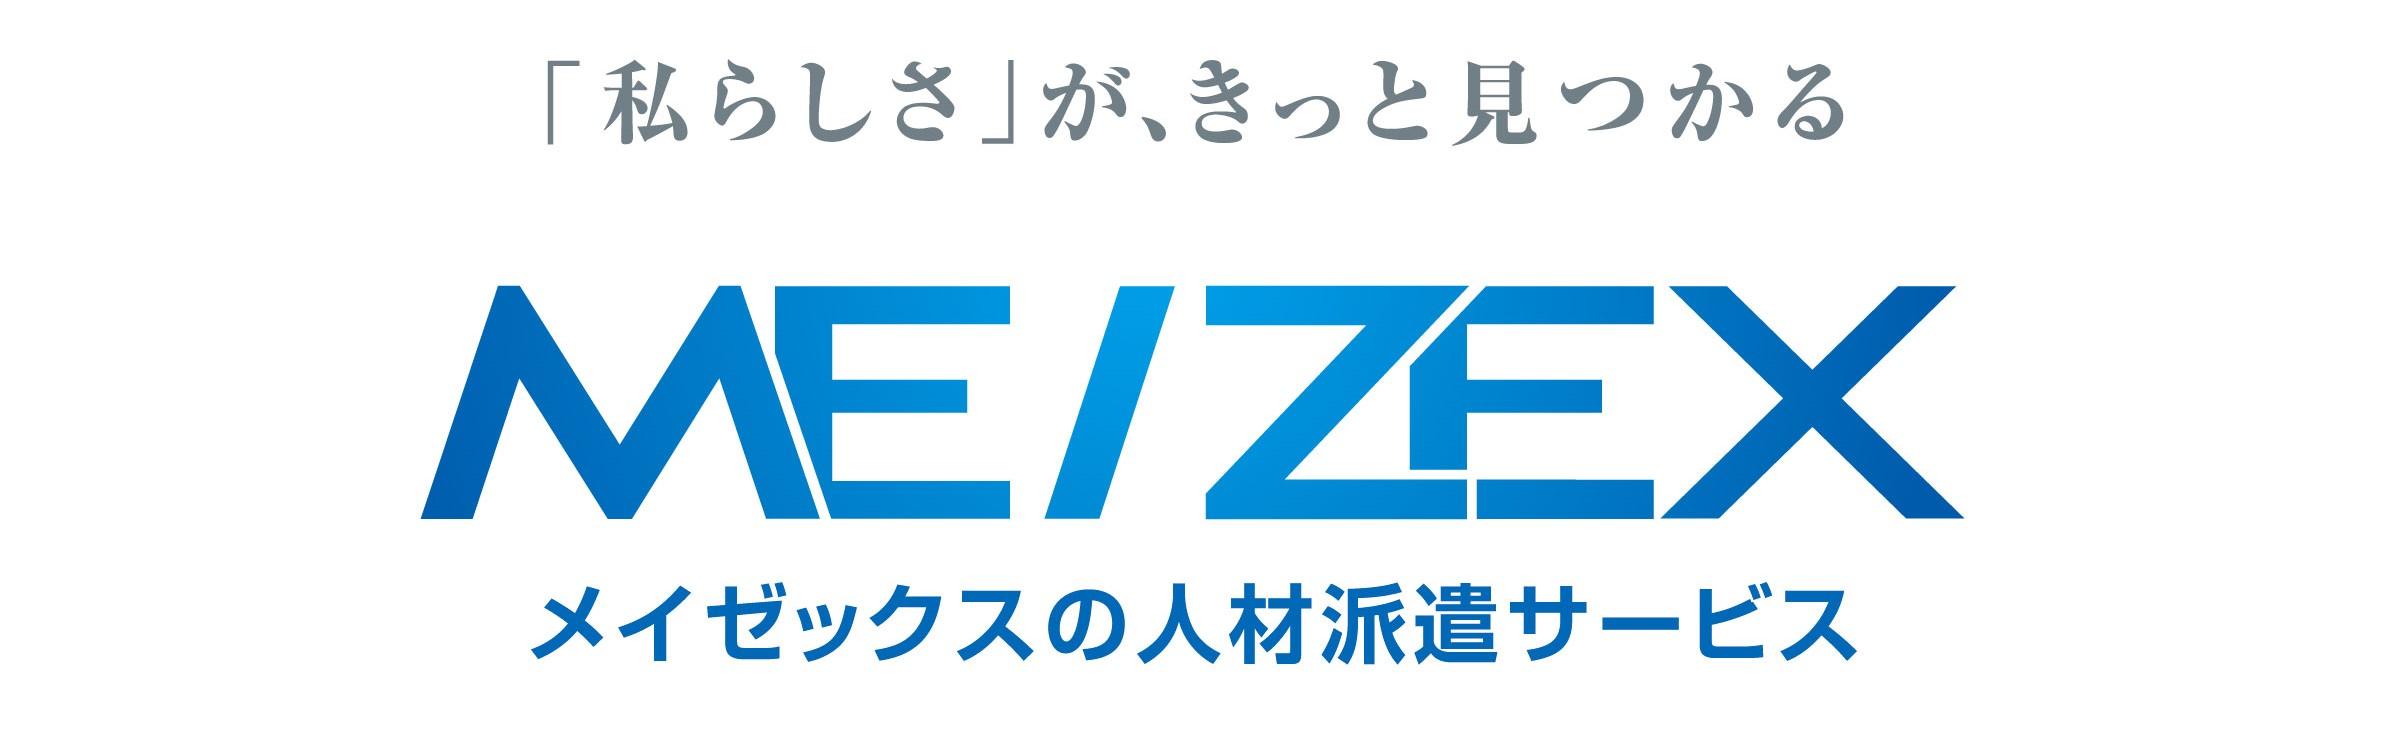 株式会社メイゼックス新潟オフィス